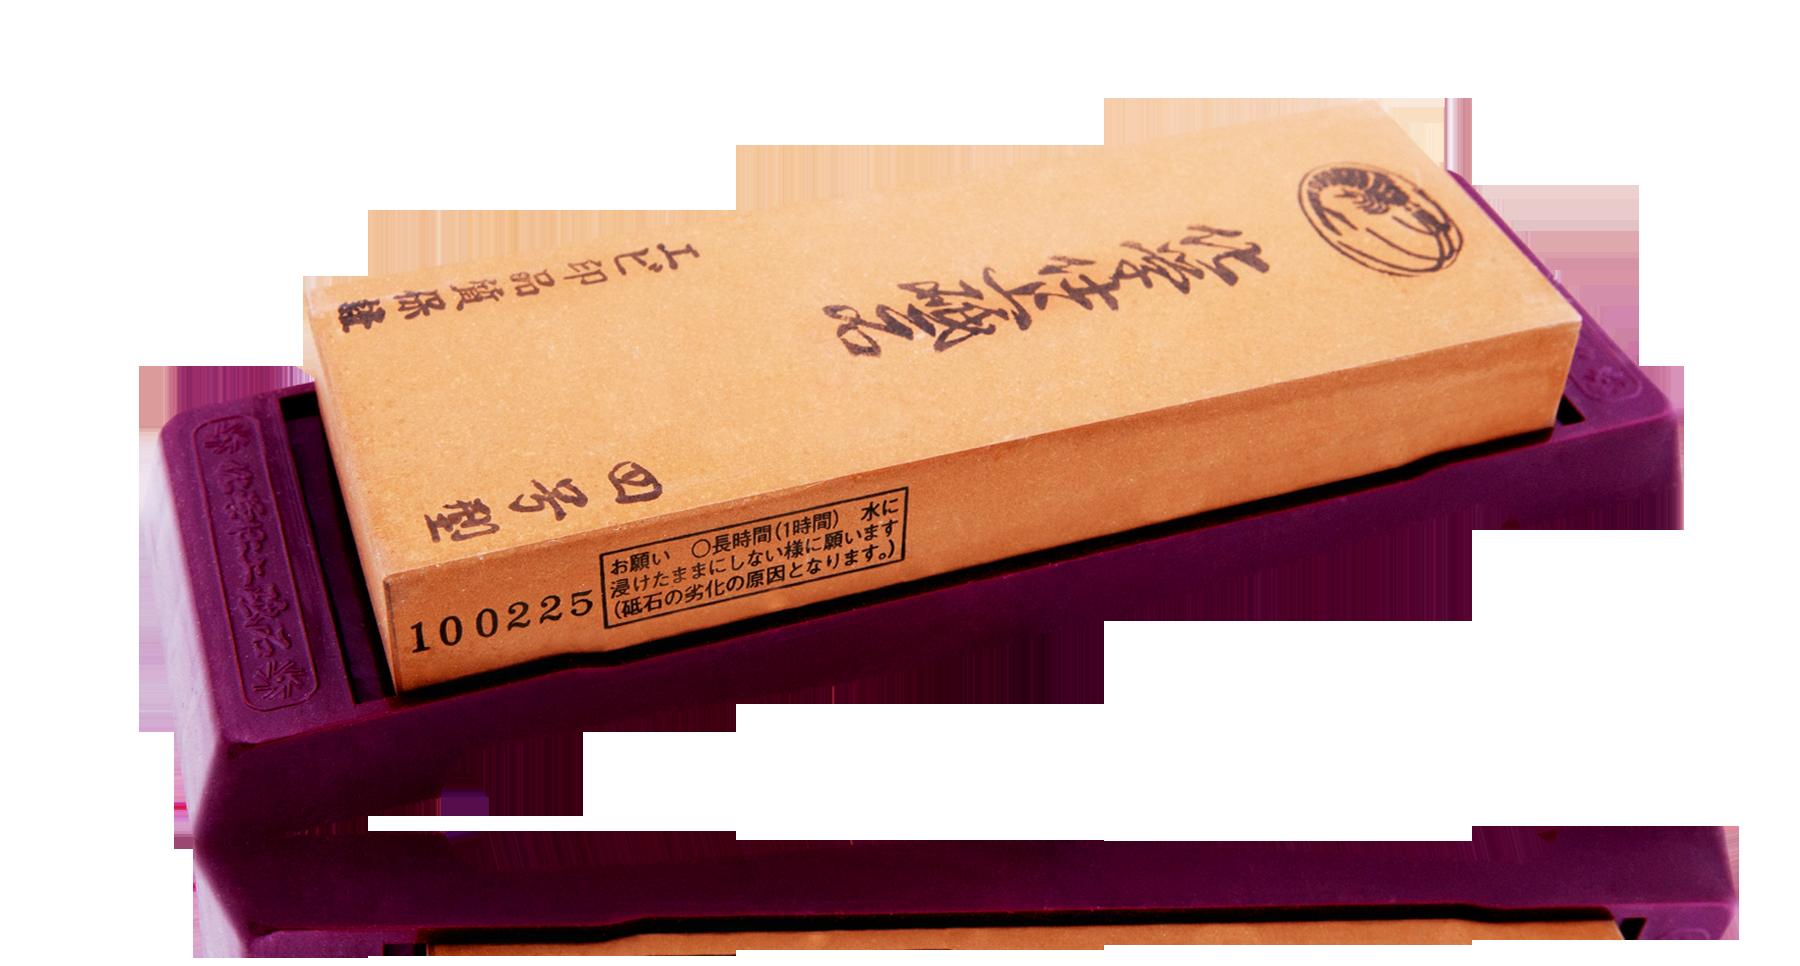 Камень точильный 210*70*24мм финишный #4000, Togi Zyozu цена